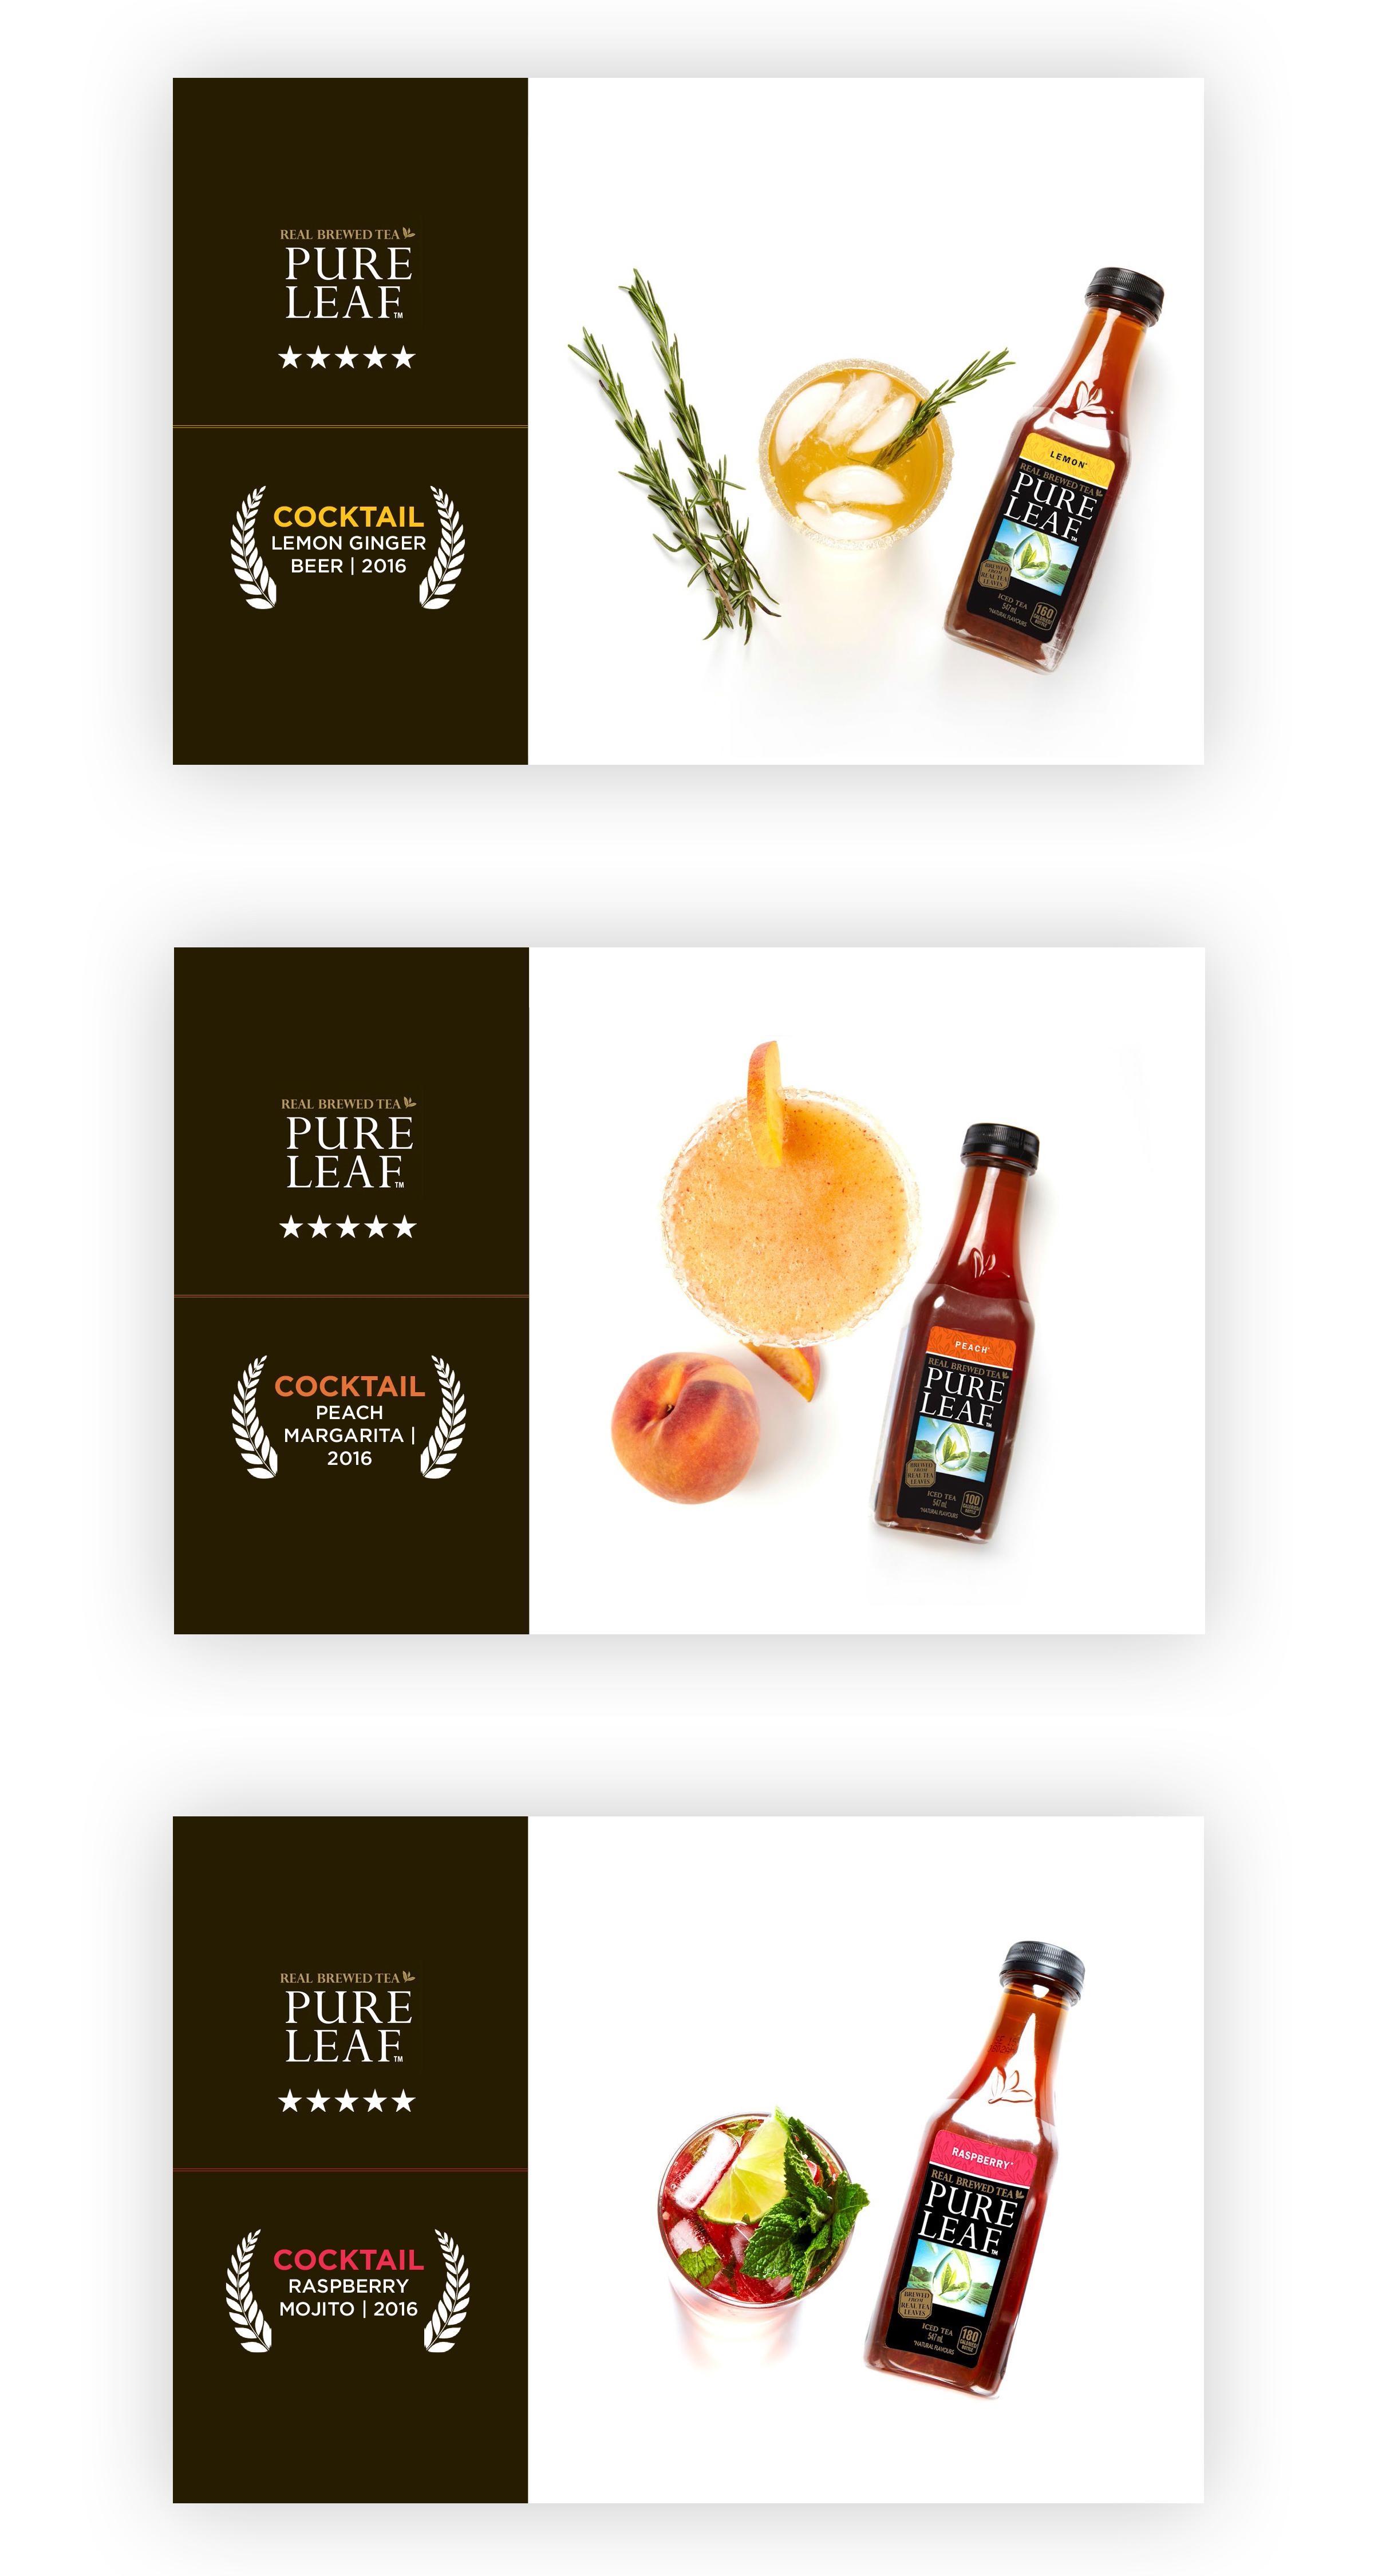 Full_Pure-Leaf-Graphic-Designer-Recipe-Cards-Peach-Margarita.jpg